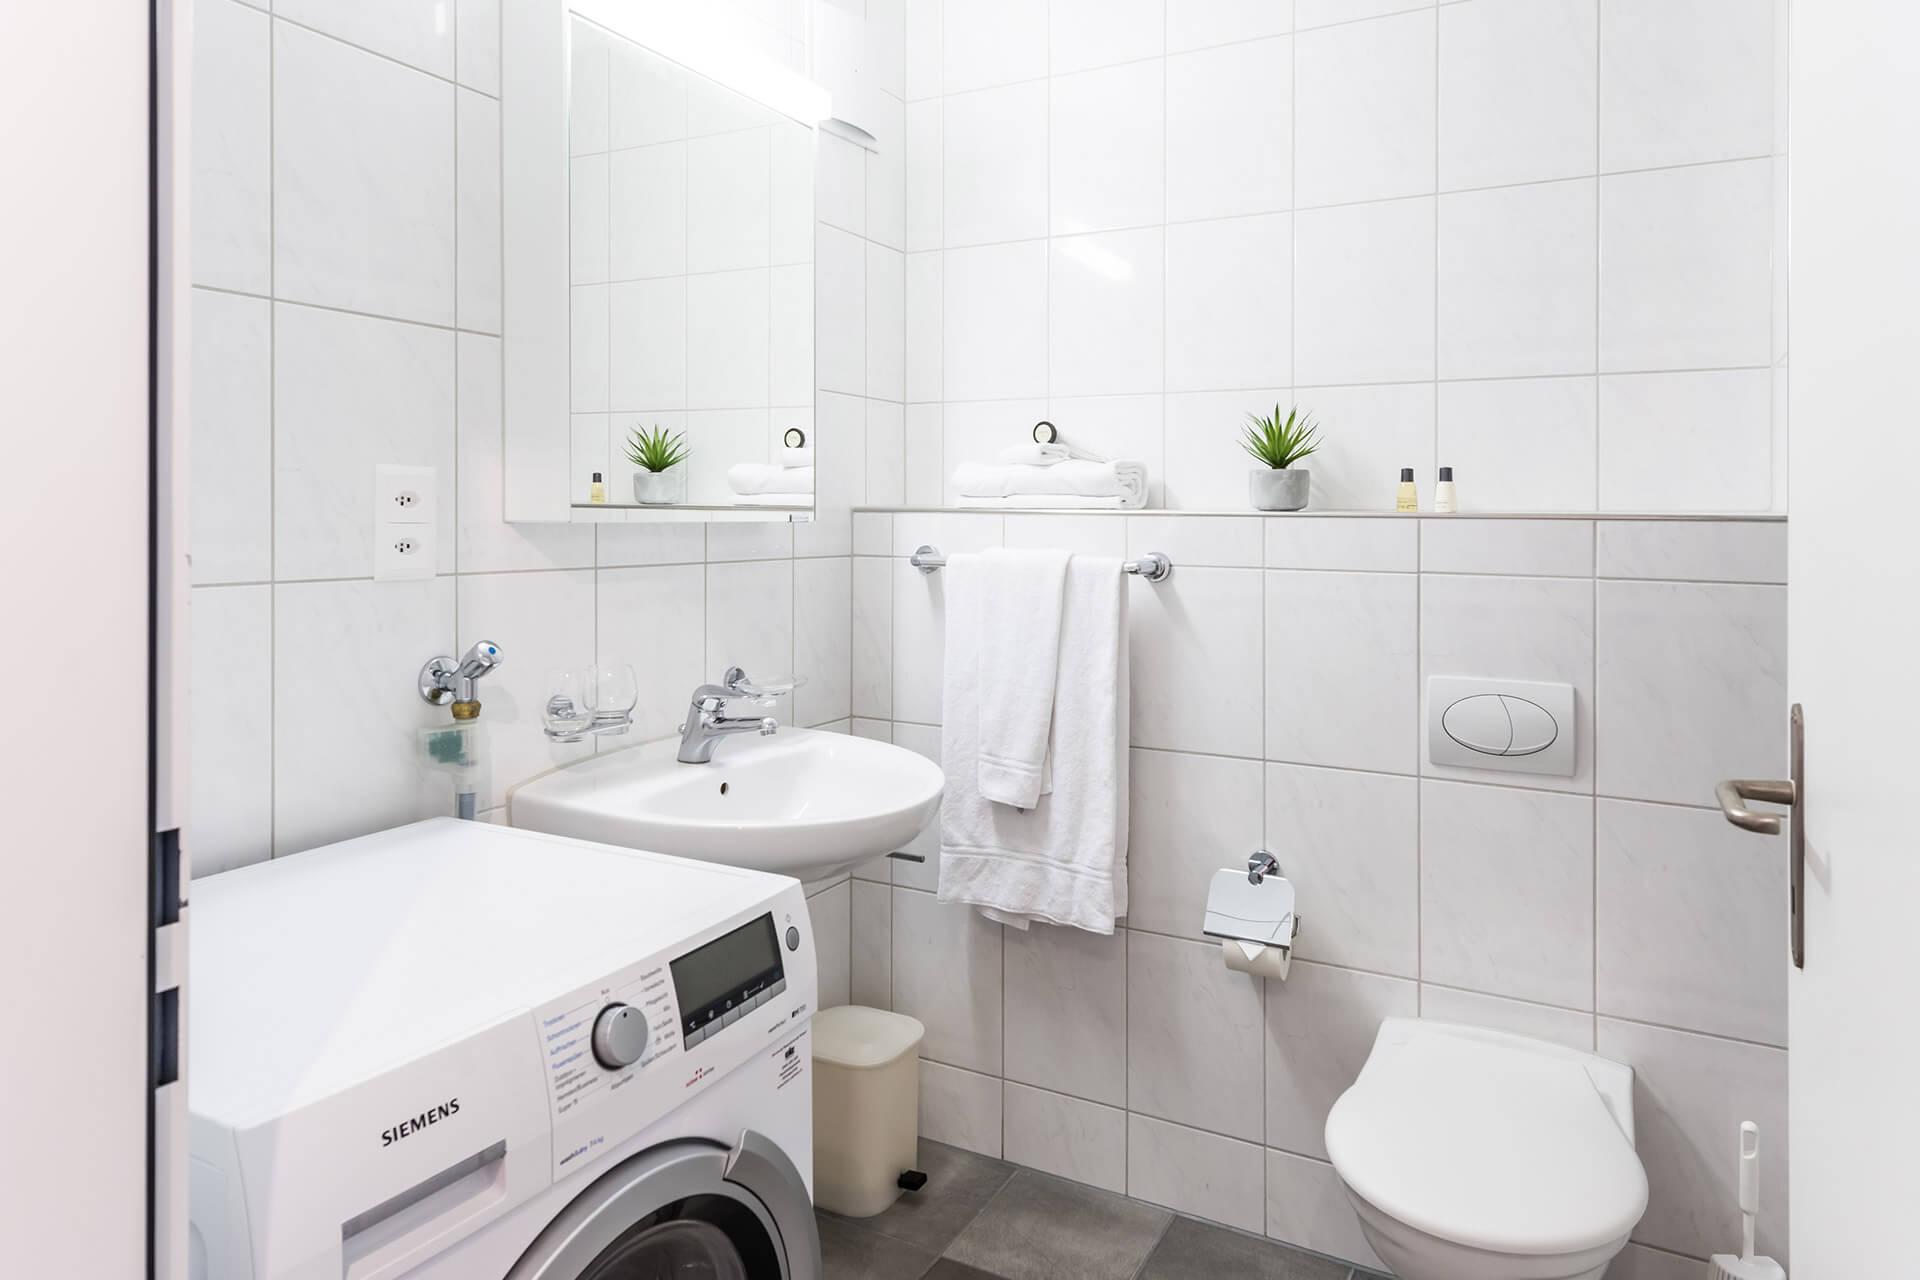 Grosszügige 4-Zimmer-Wohnung an zentraler Lage